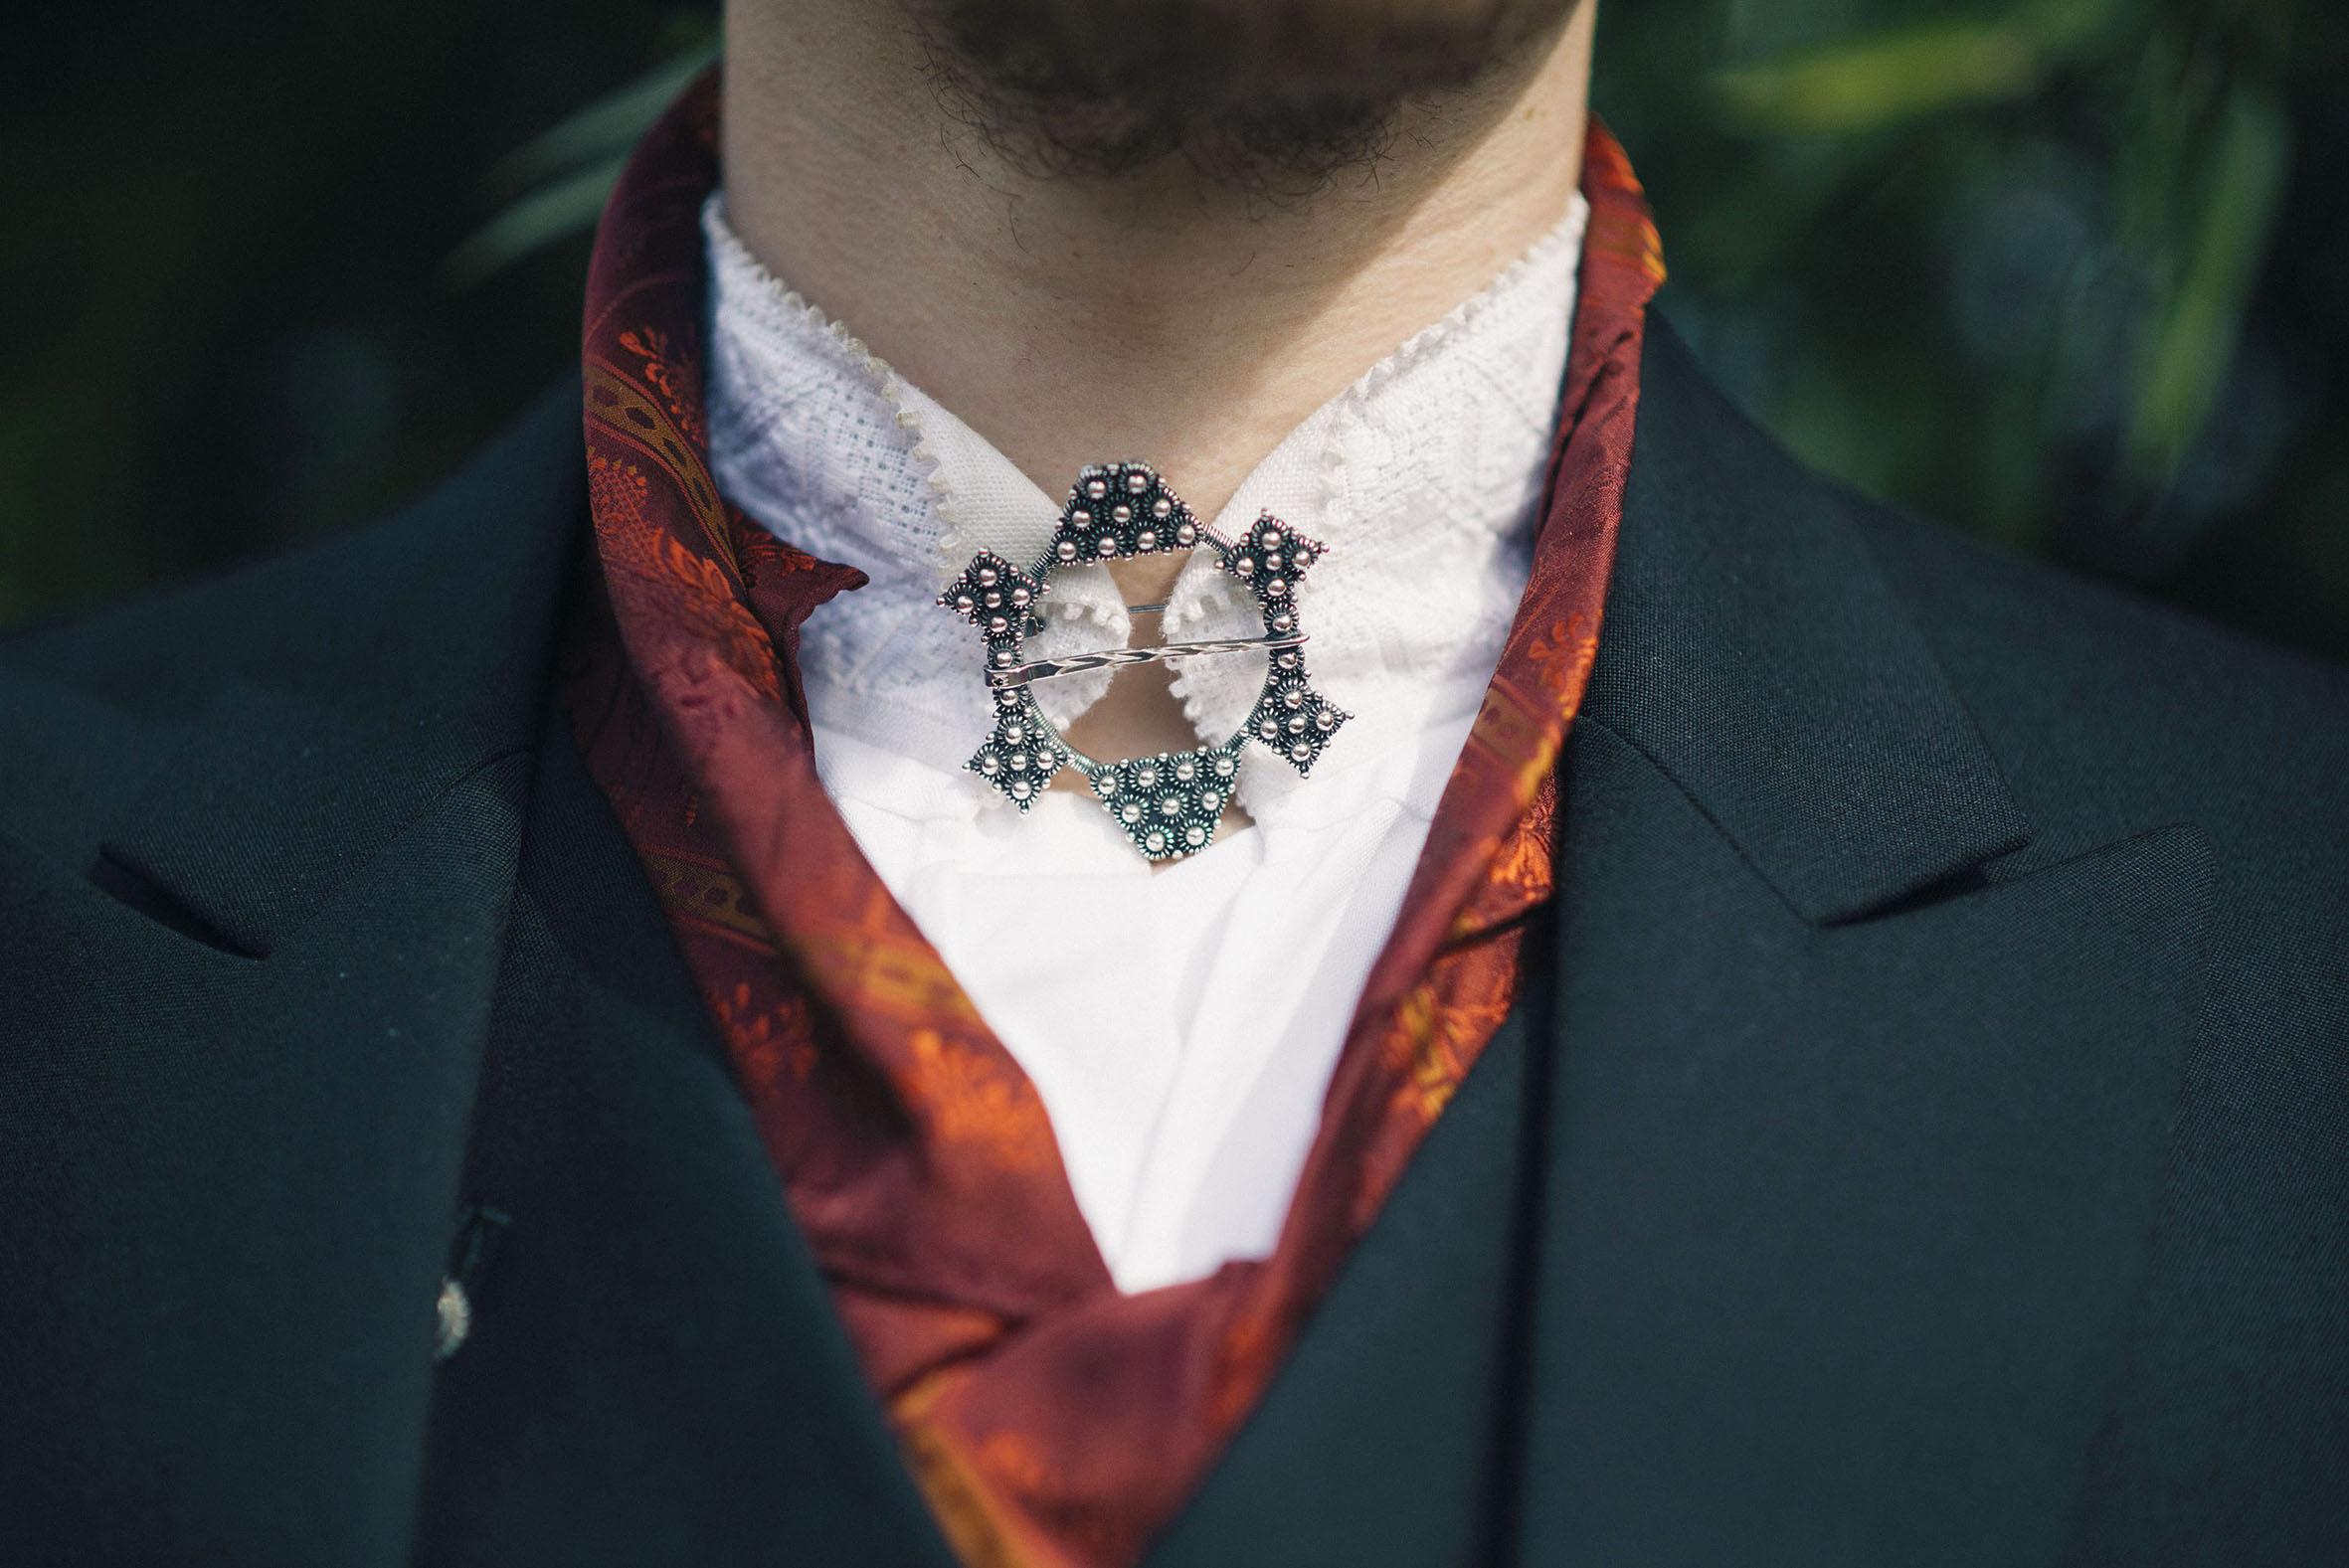 detalje bilde av halsen til brudgom